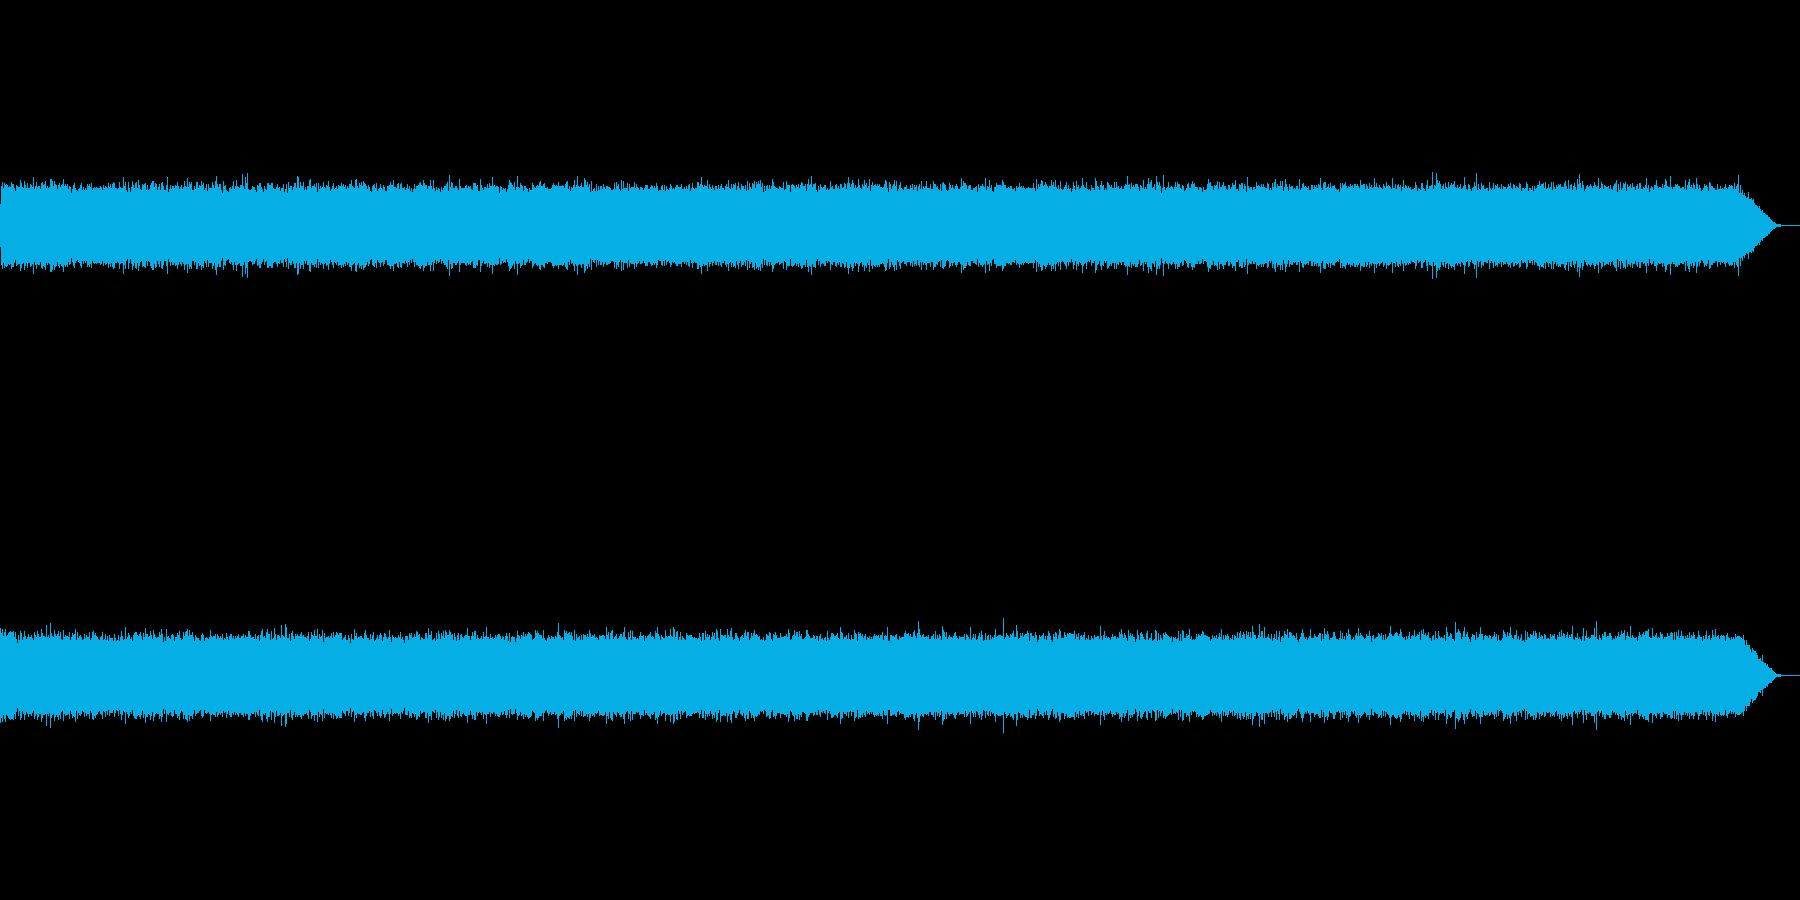 サーーー(テープノイズ-02-軽め)の再生済みの波形